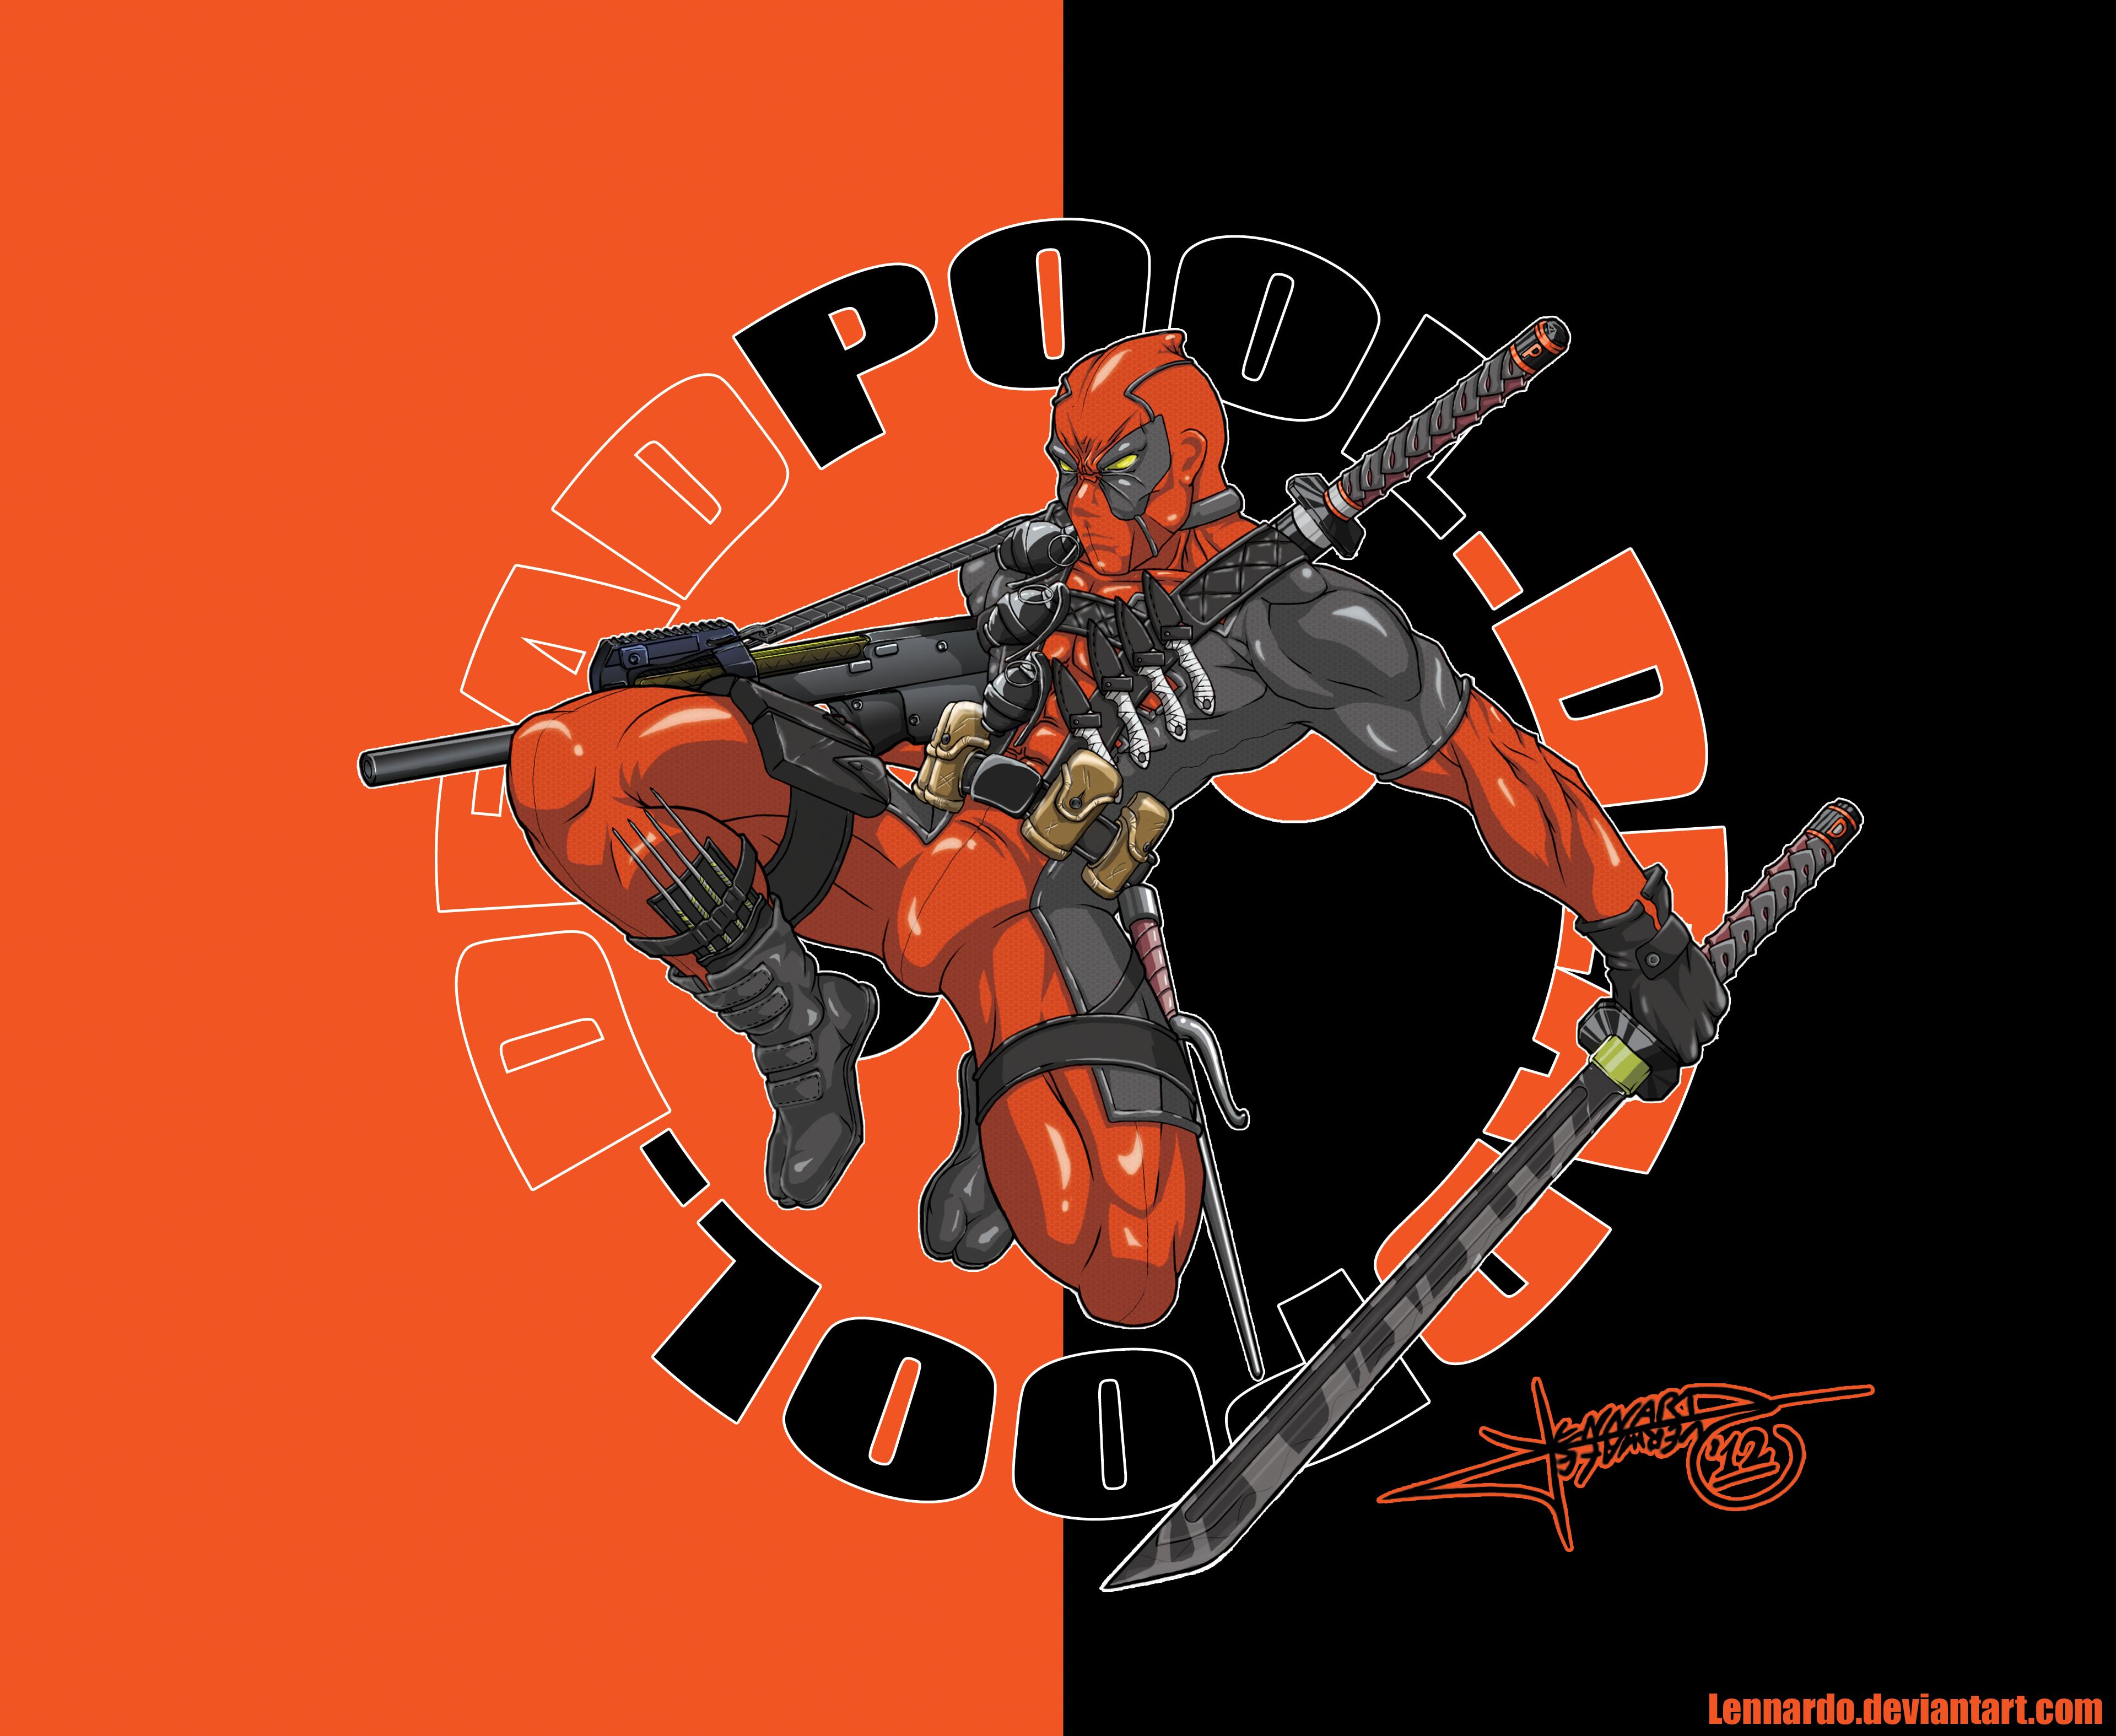 Deadpool Wallpaper By Lennardo On Deviantart